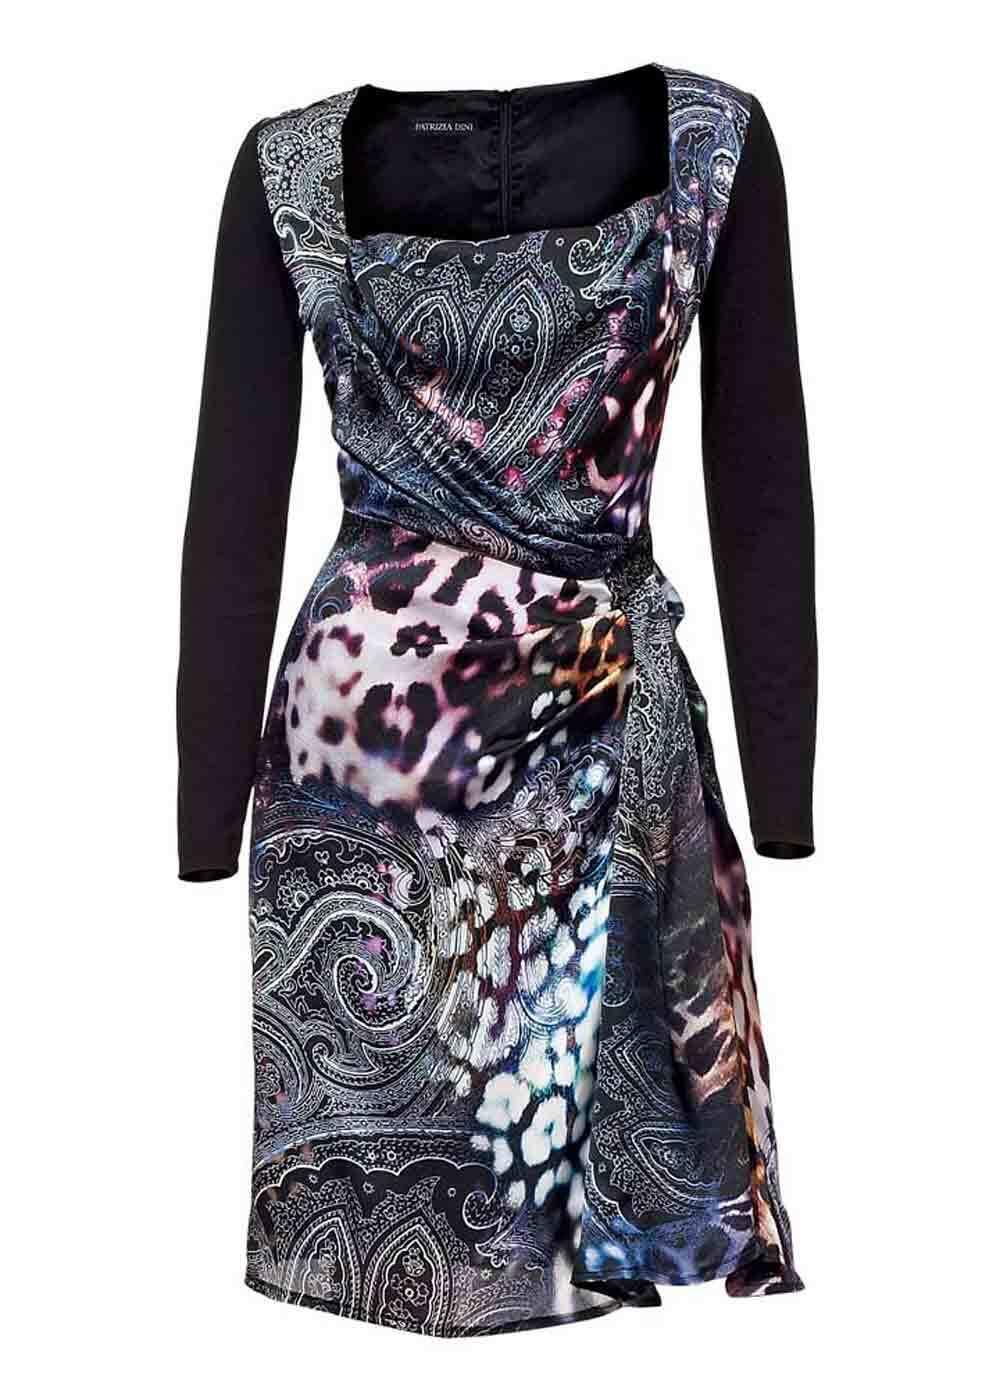 TCJ Patrizia Dini Sexy Damen Designer Kleid Sommerkleid Seidenkleid schwarz bunt